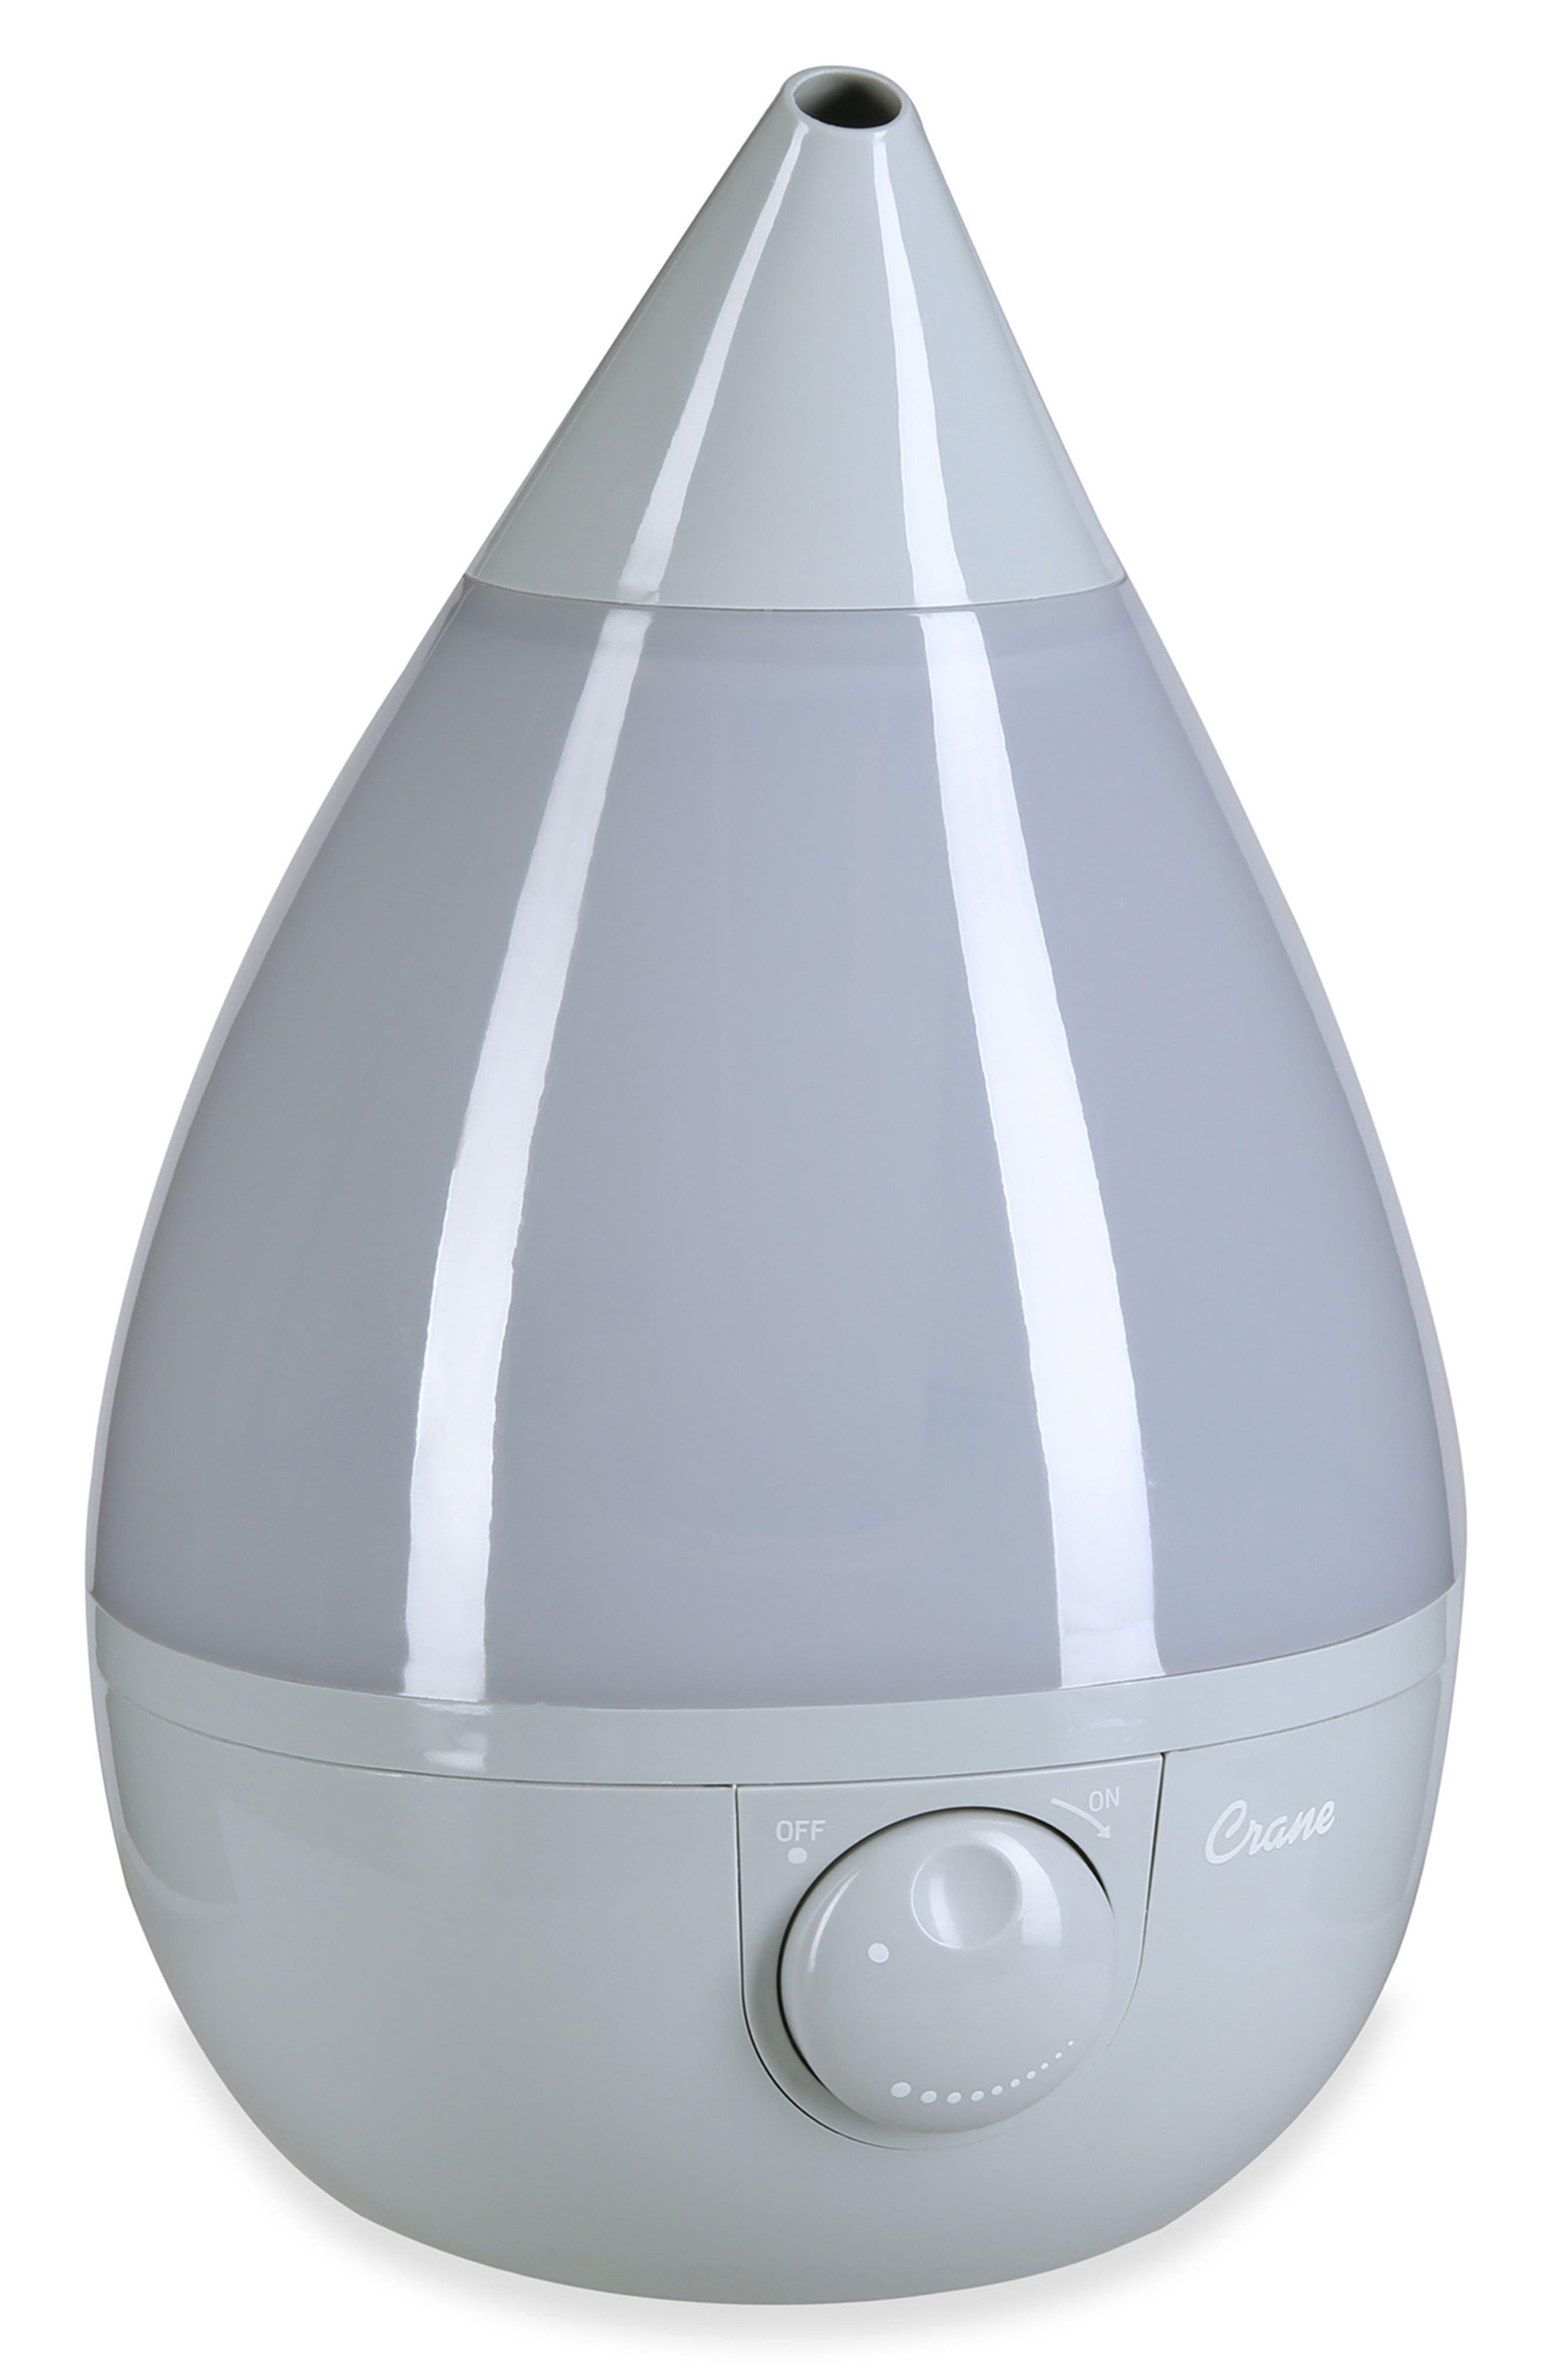 'Drop' Humidifier,                             Main thumbnail 1, color,                             GREY